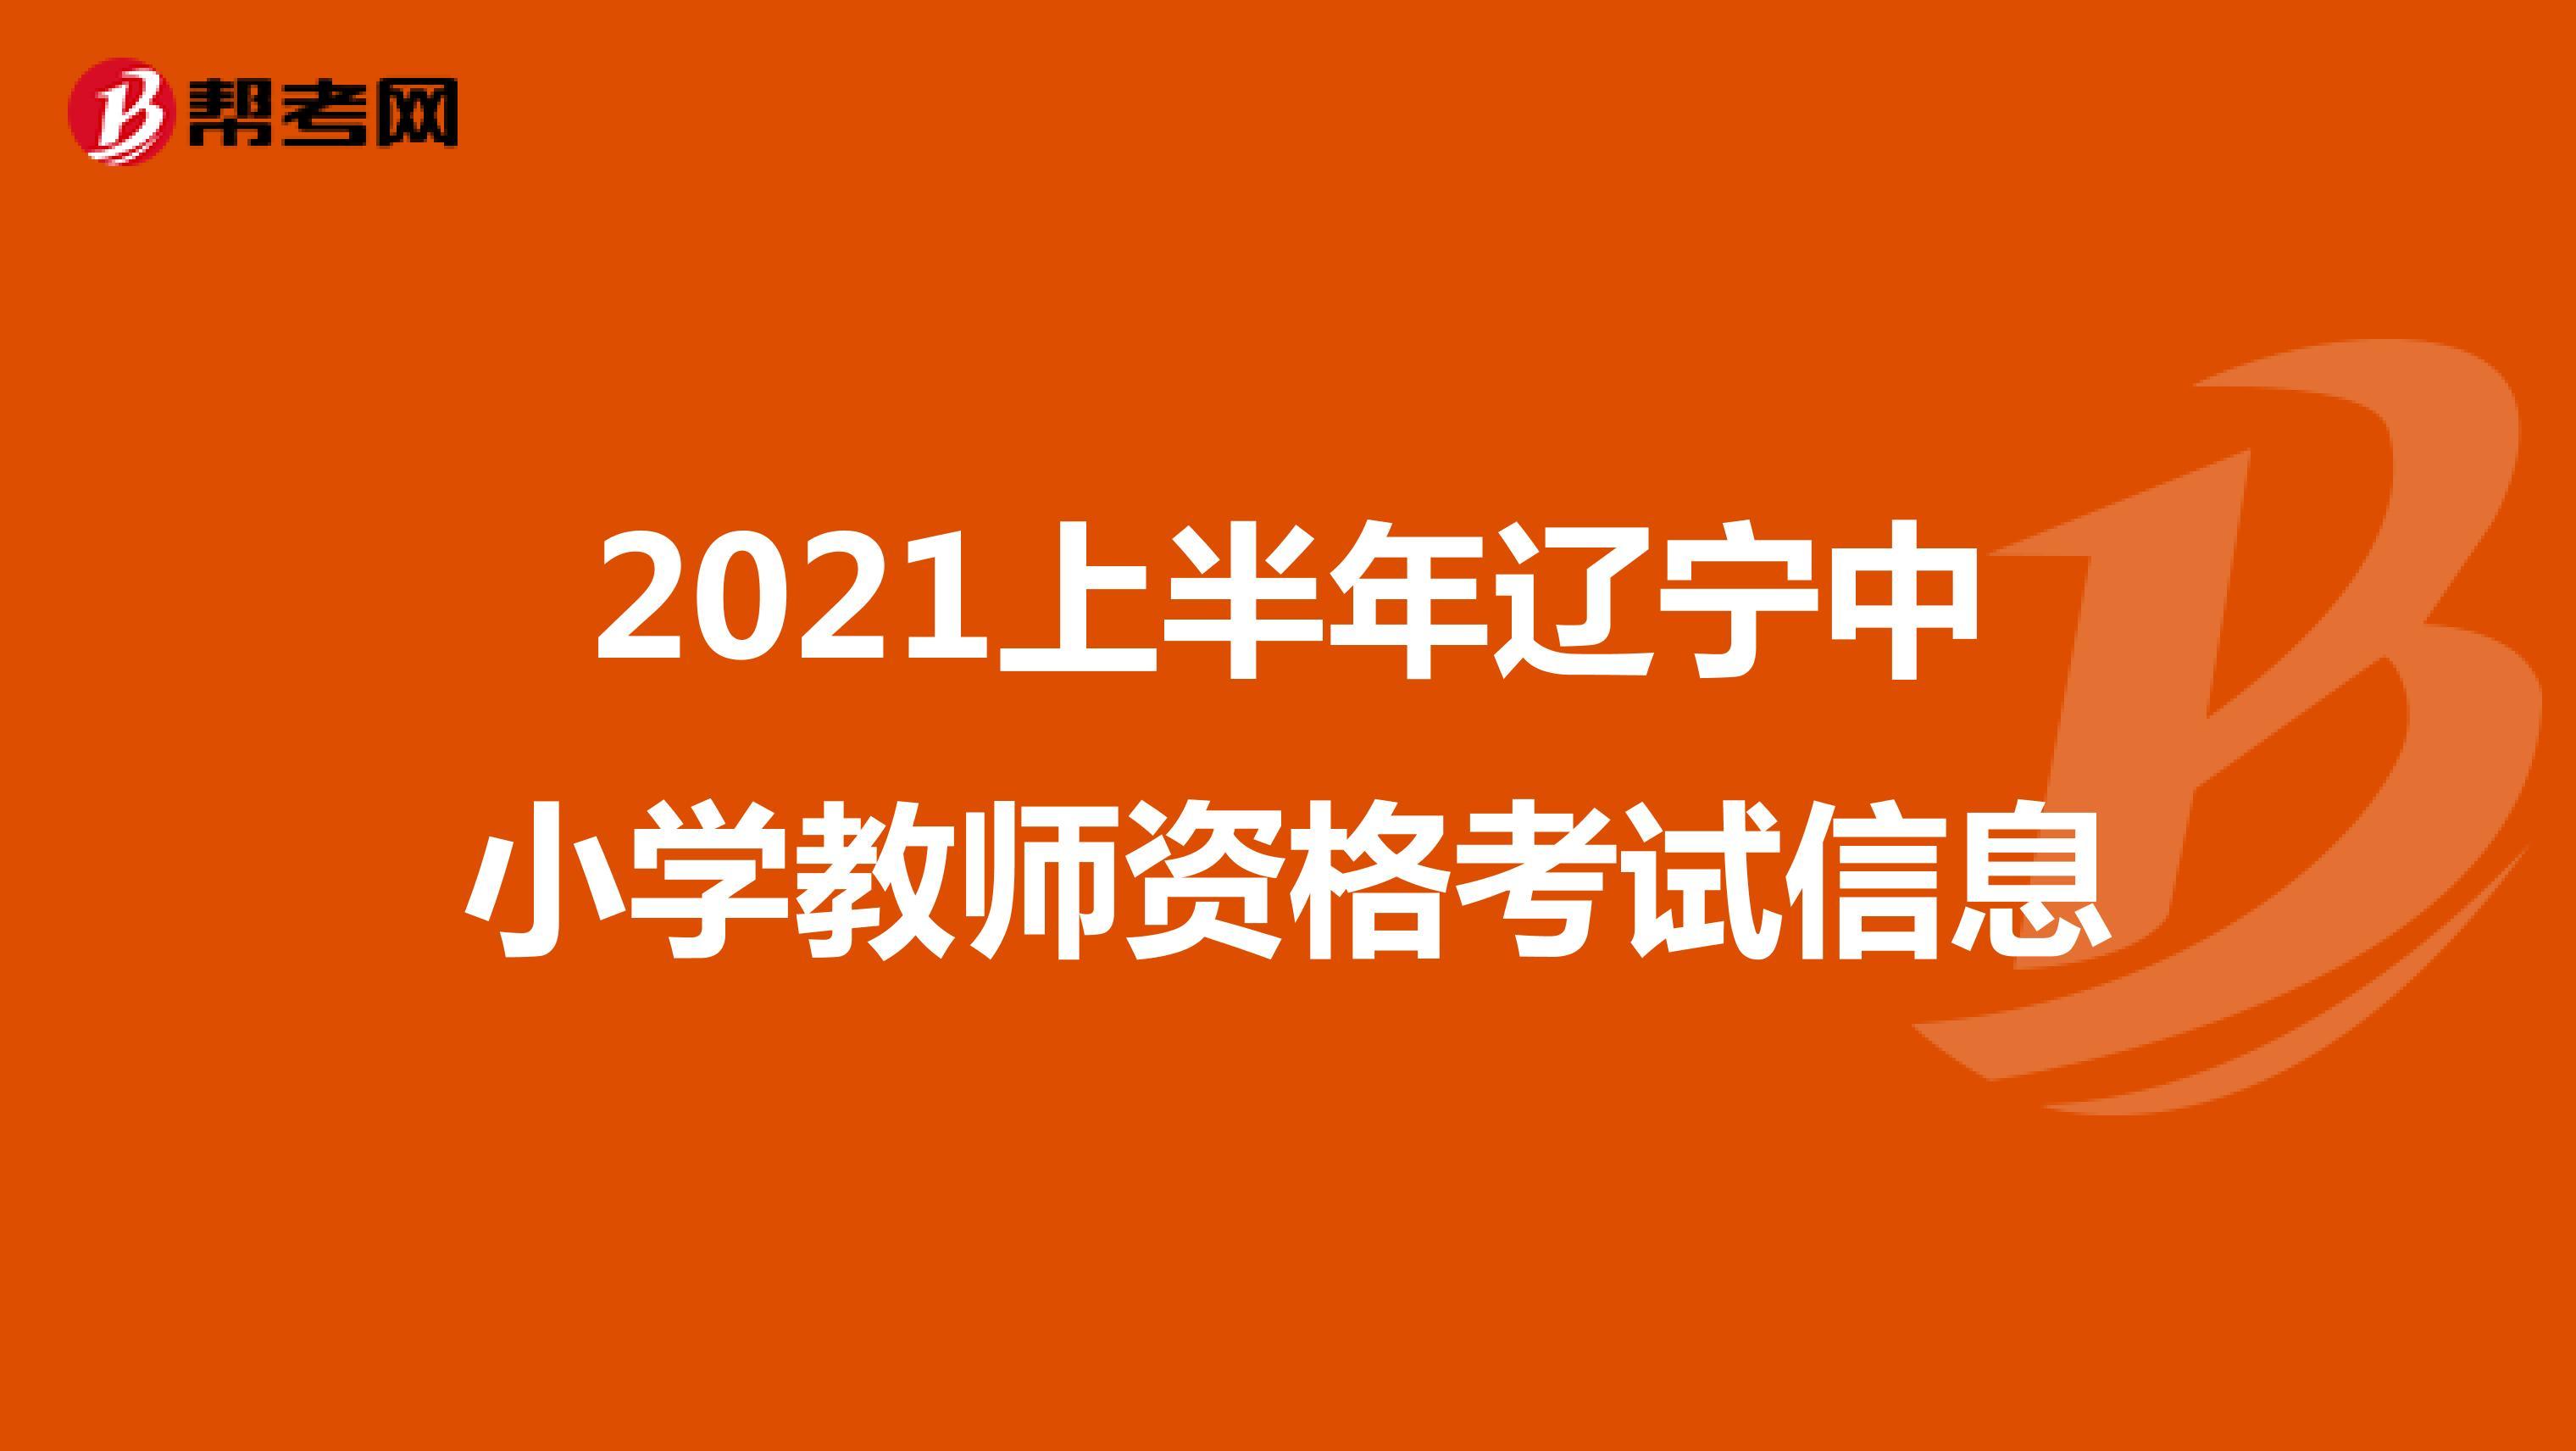 2021上半年辽宁中小学教师资格考试信息